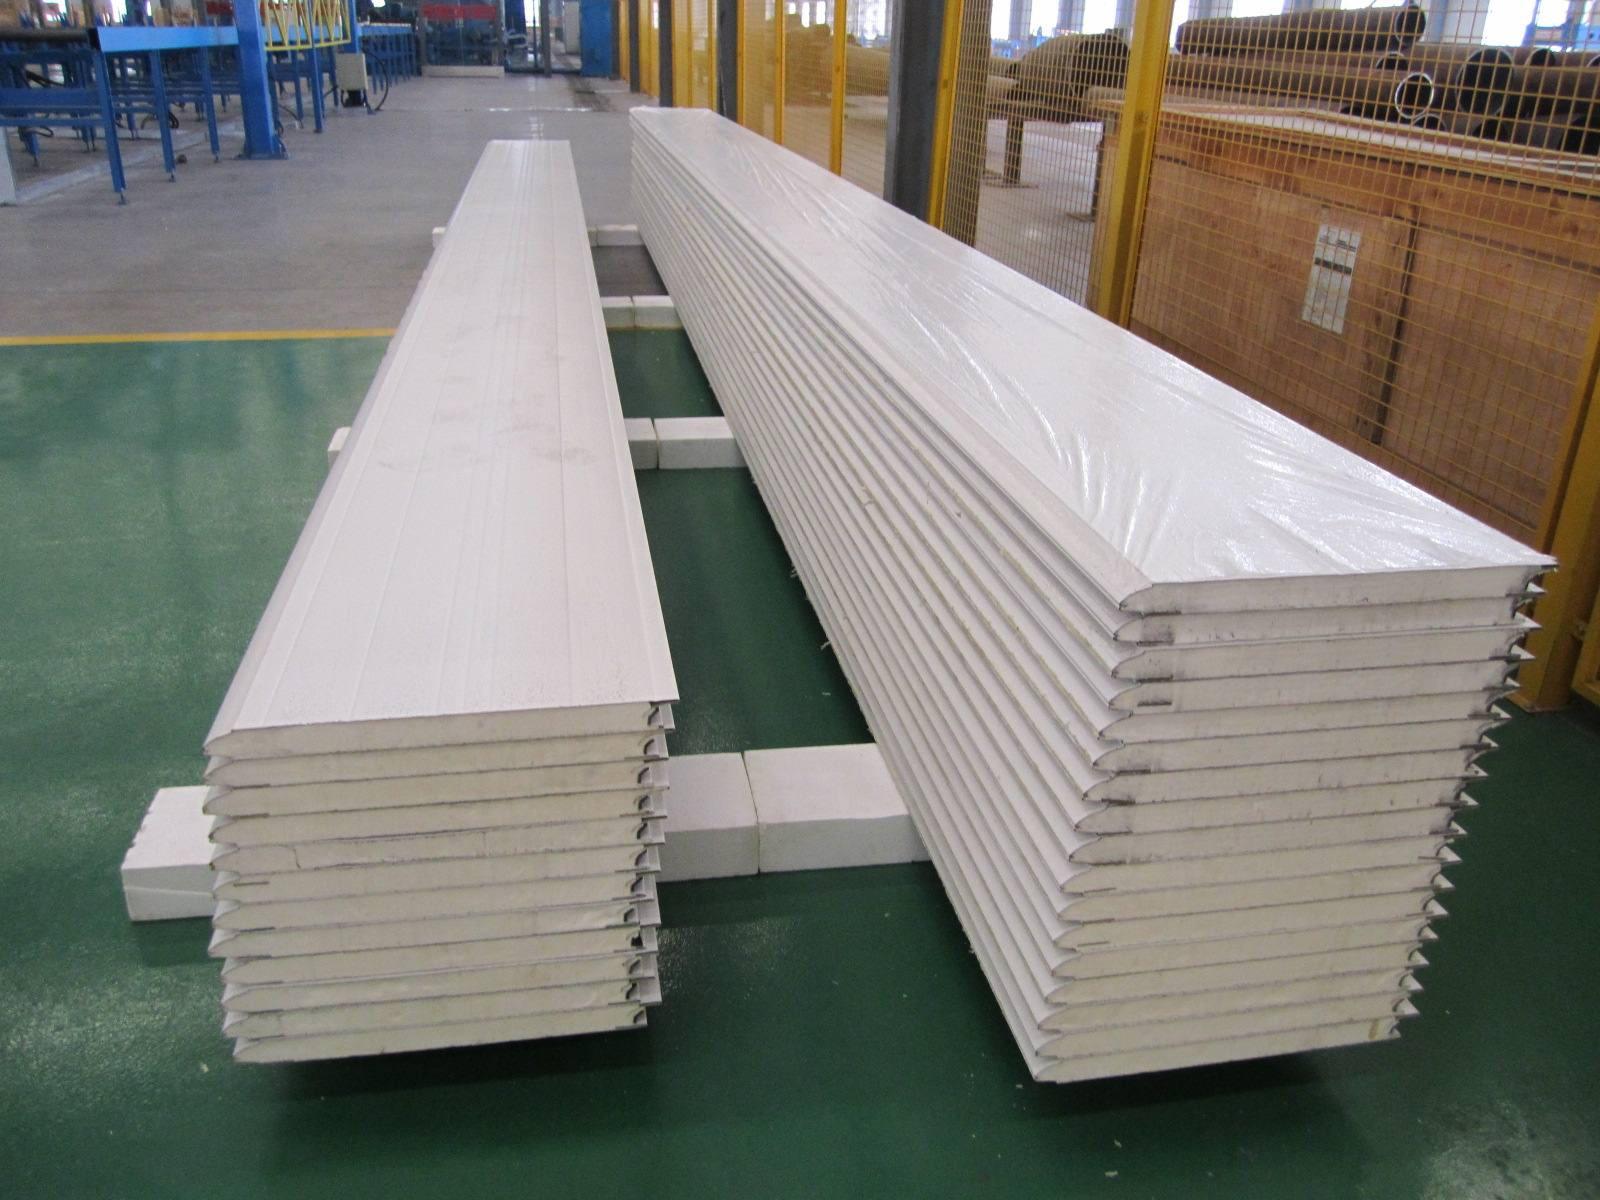 武汉聚氨复酯合板供应商  聚氨复酯合板厂家   批发聚氨复酯合板   聚氨复酯合板直销 武汉聚氨酯复合板供应商